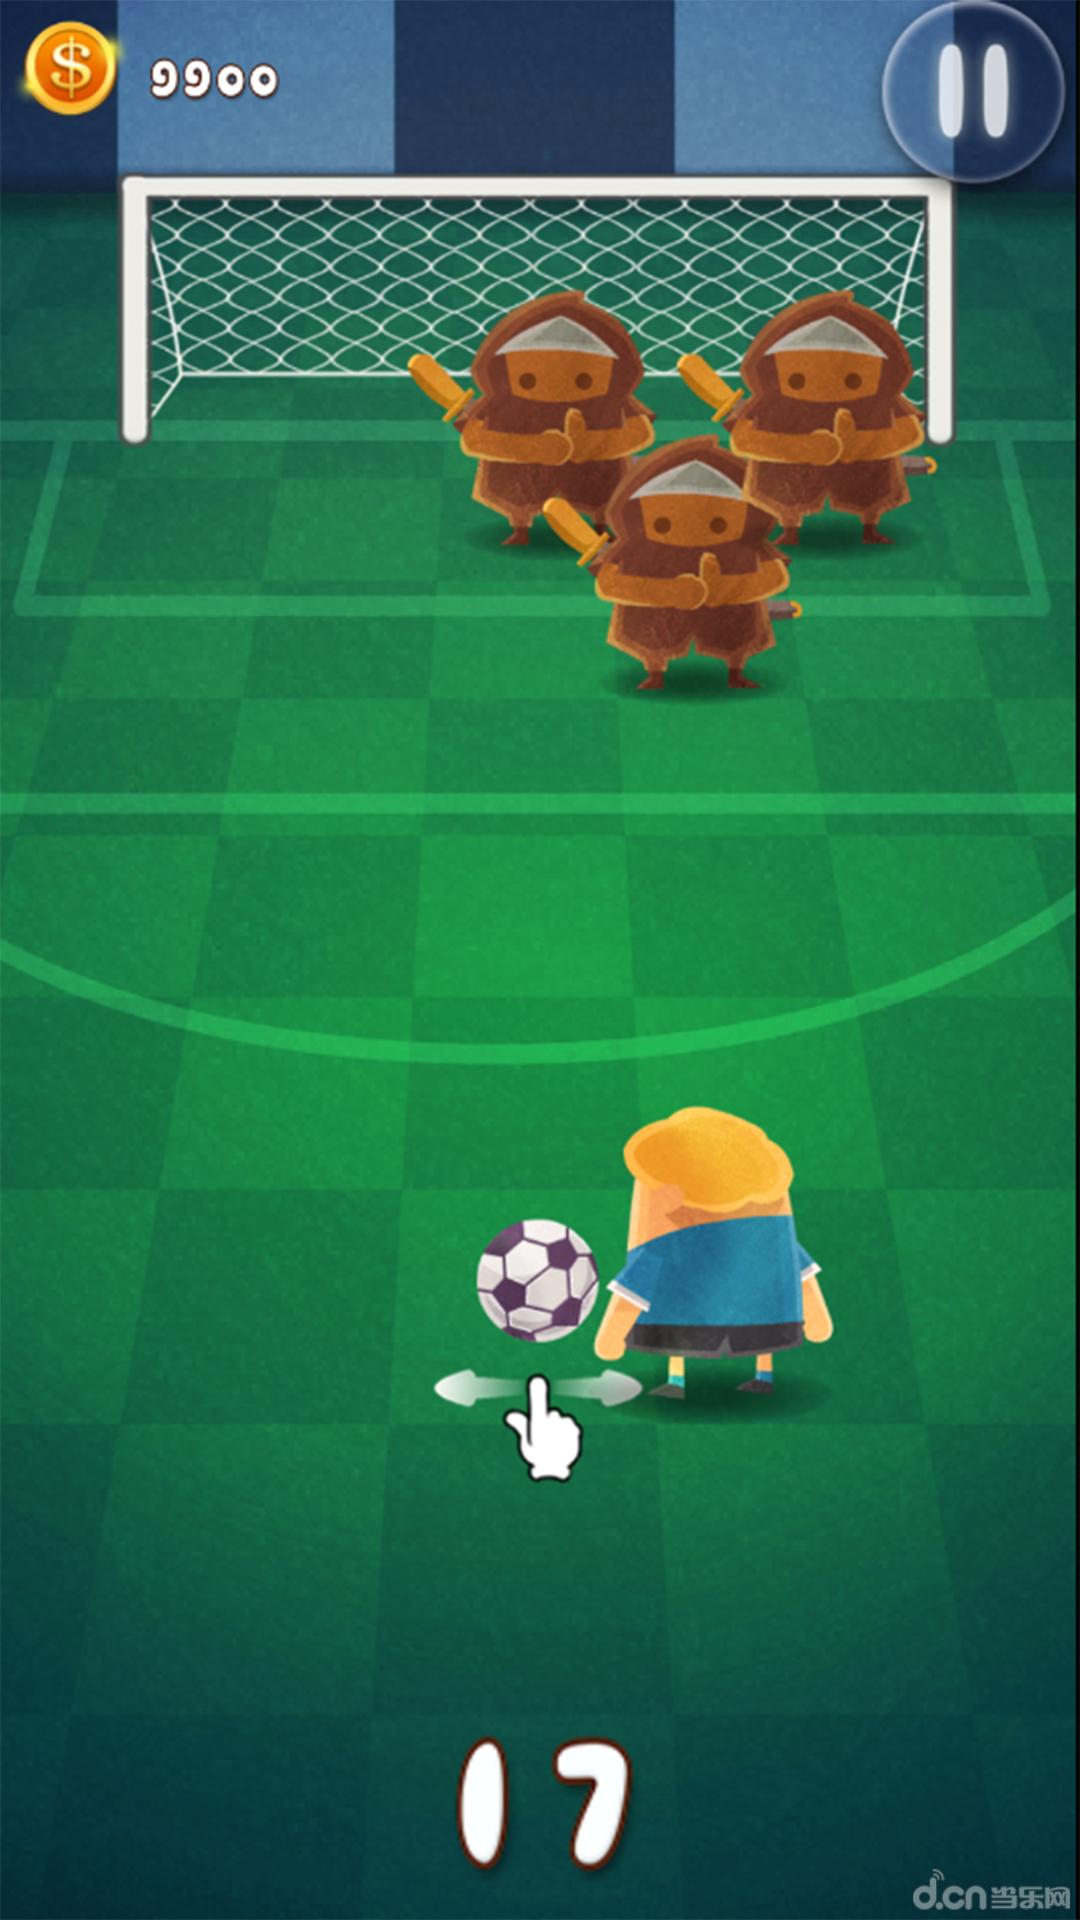 汽车足球比赛热点海报